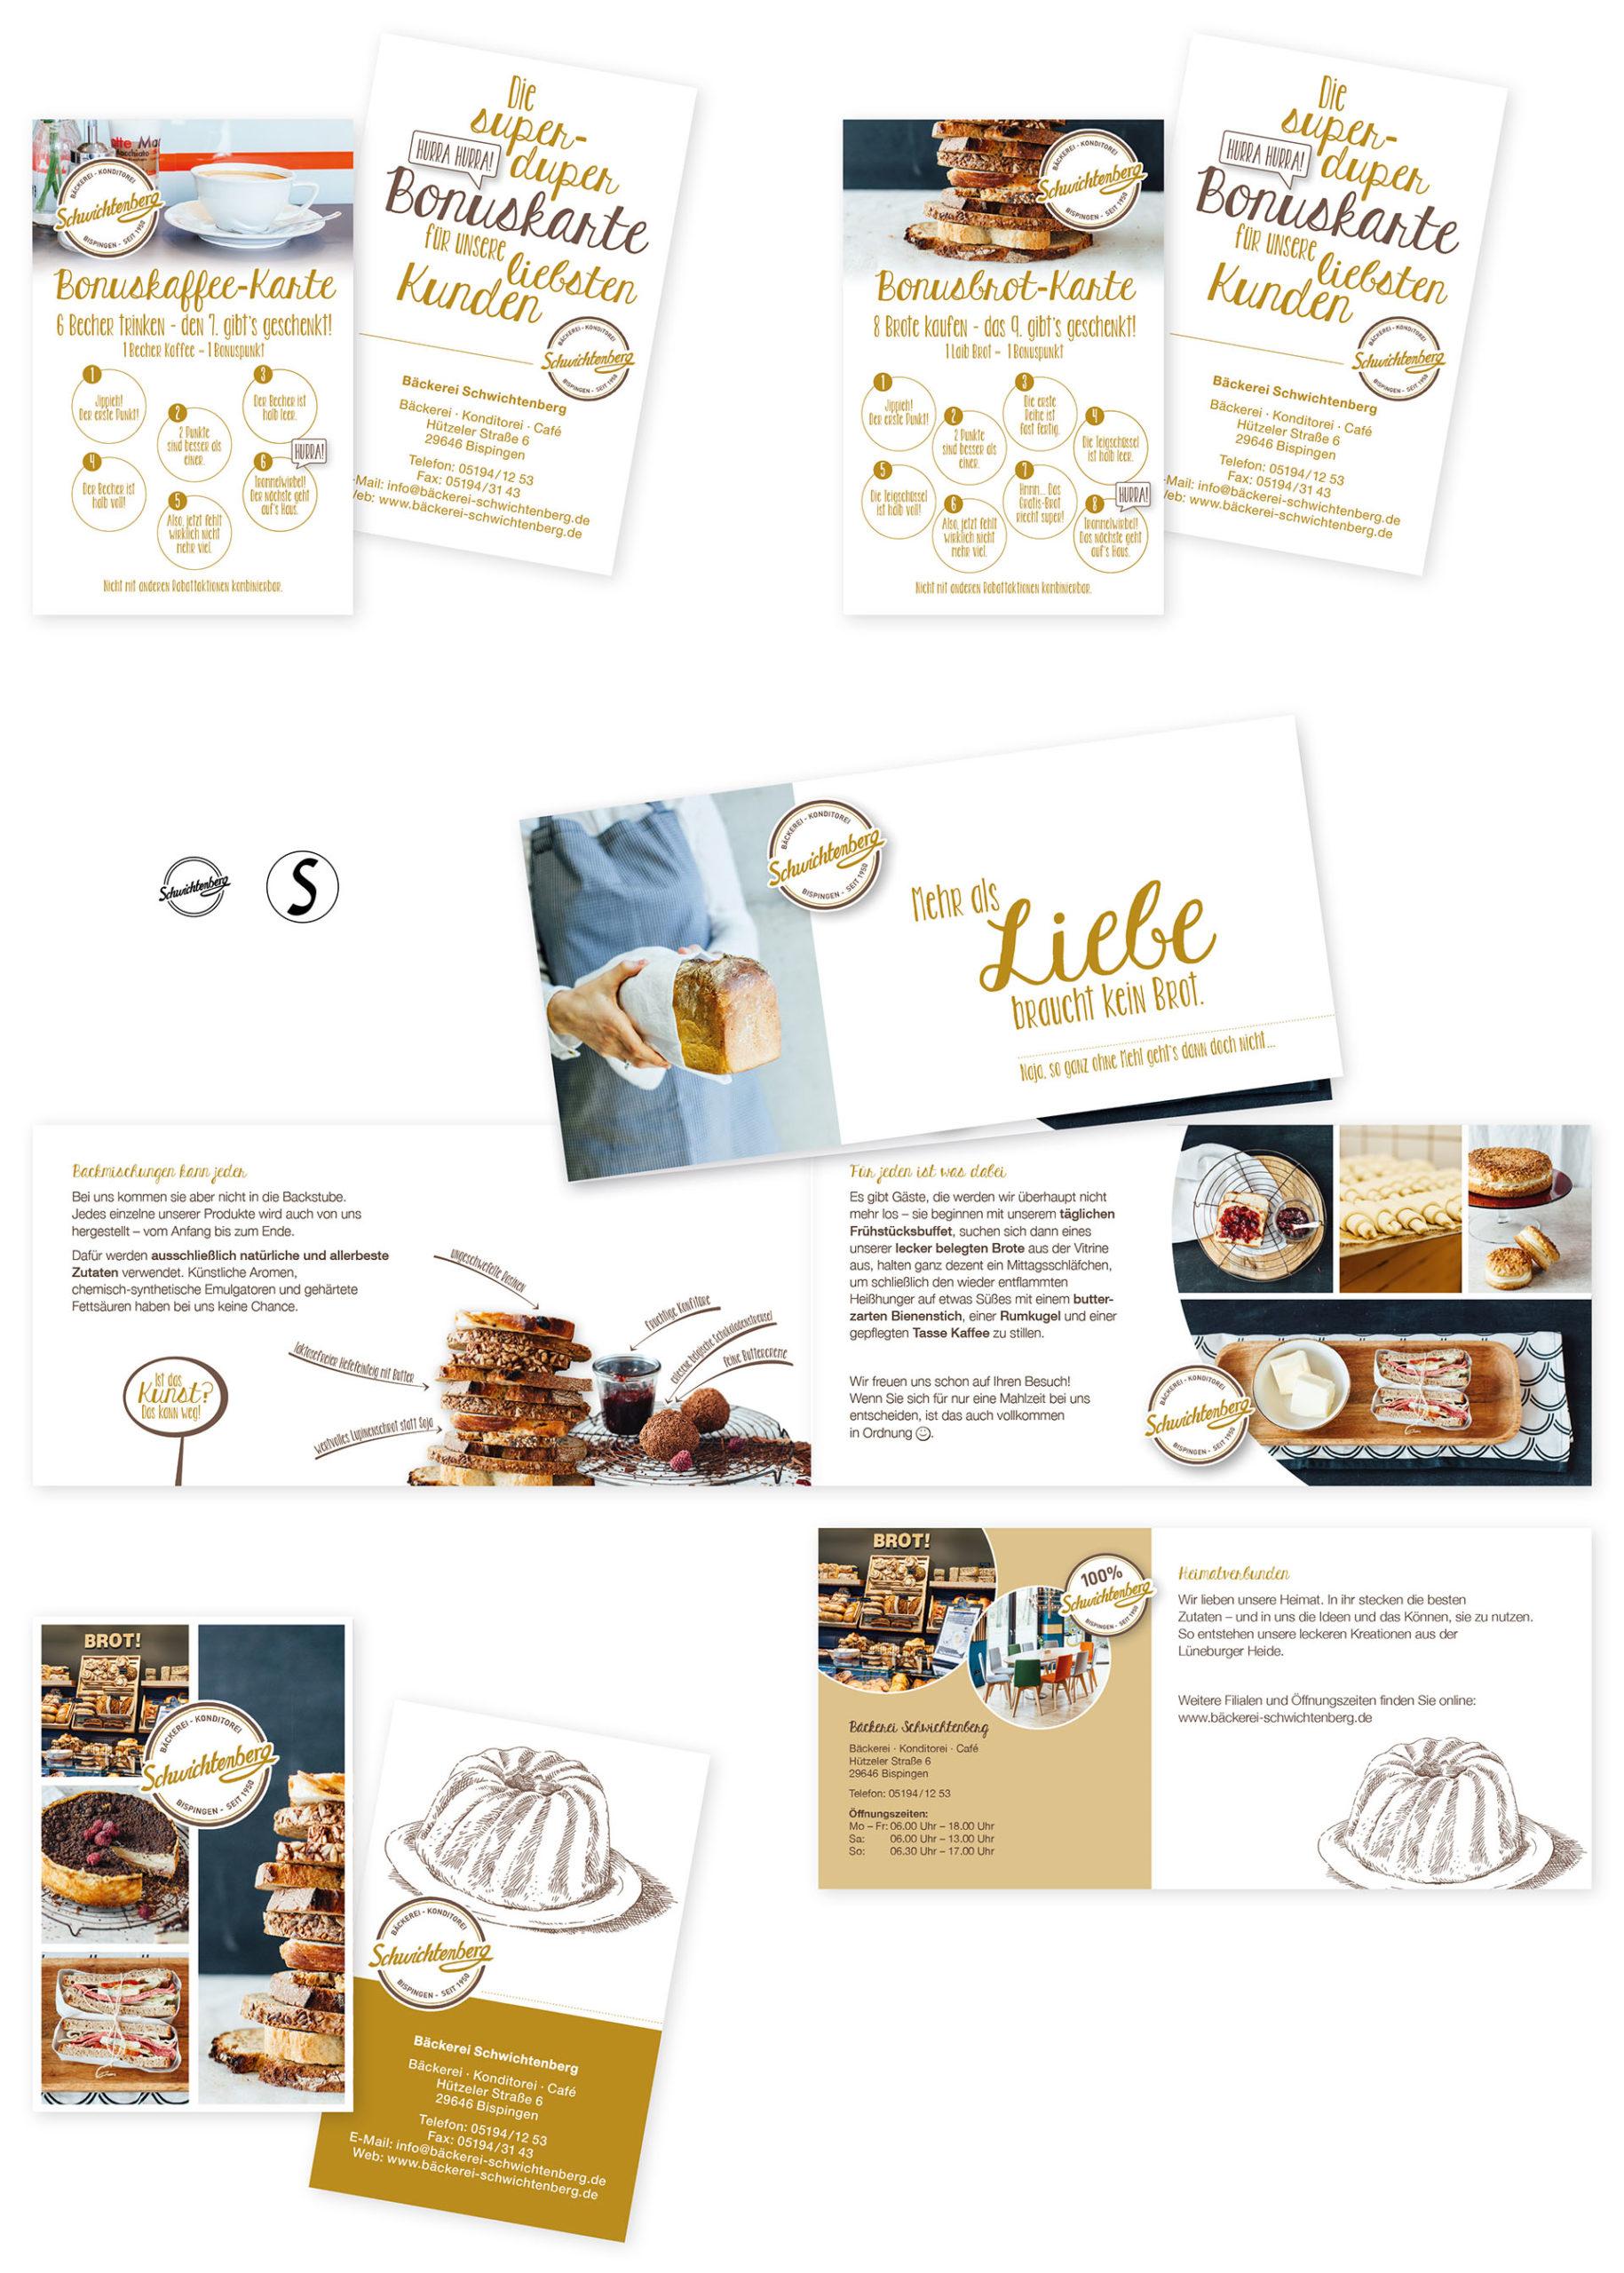 Bäckerei Schwichtenberg Martina Olonschek Corporate Design Collage